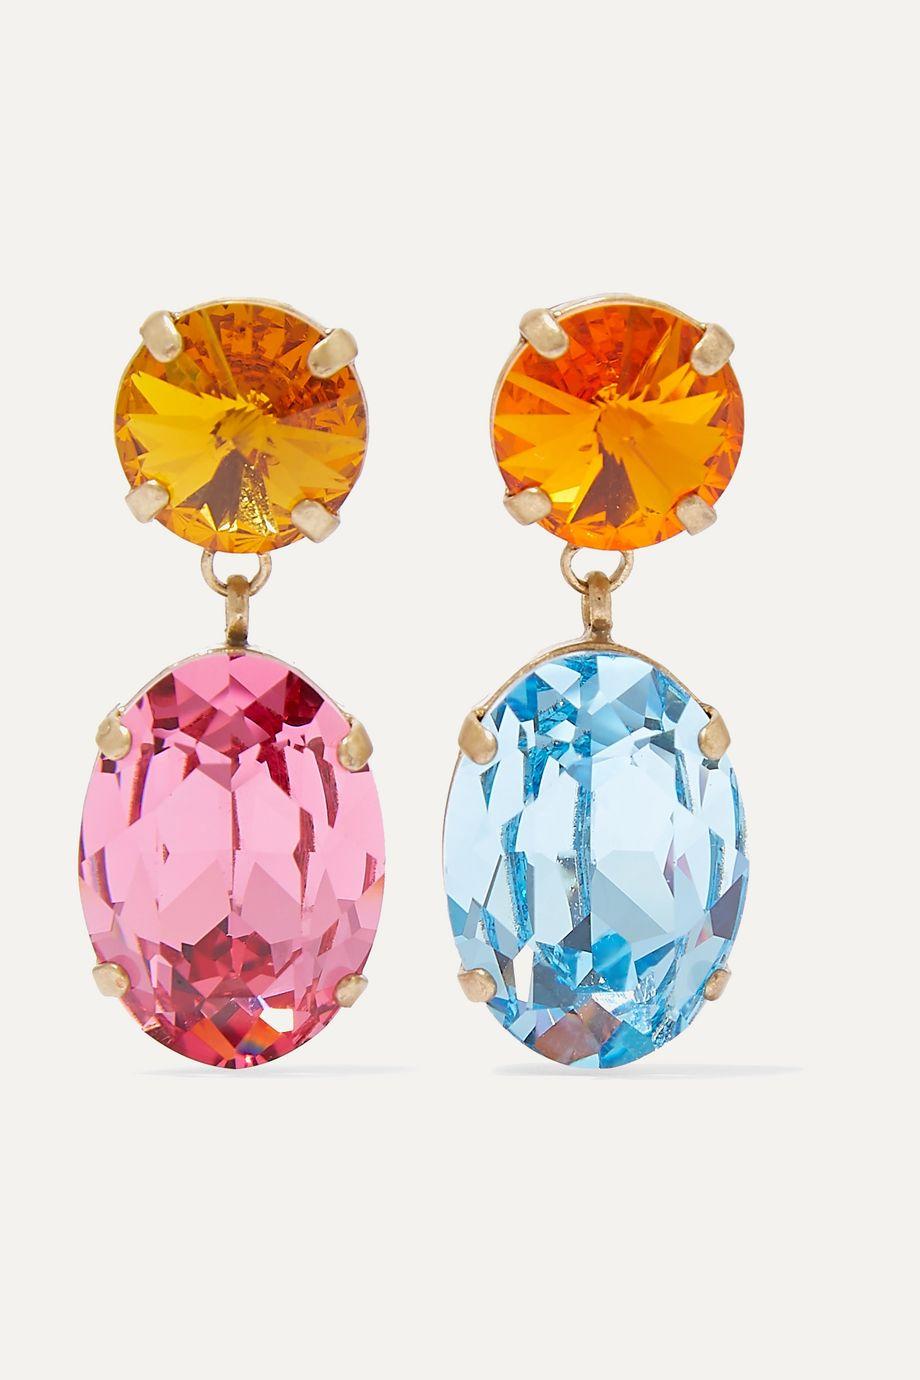 록산느 애슐린 귀걸이 Roxanne Assoulin Hip-Hop But Not Baby gold-tone and Swarovski crystal earrings,Blue